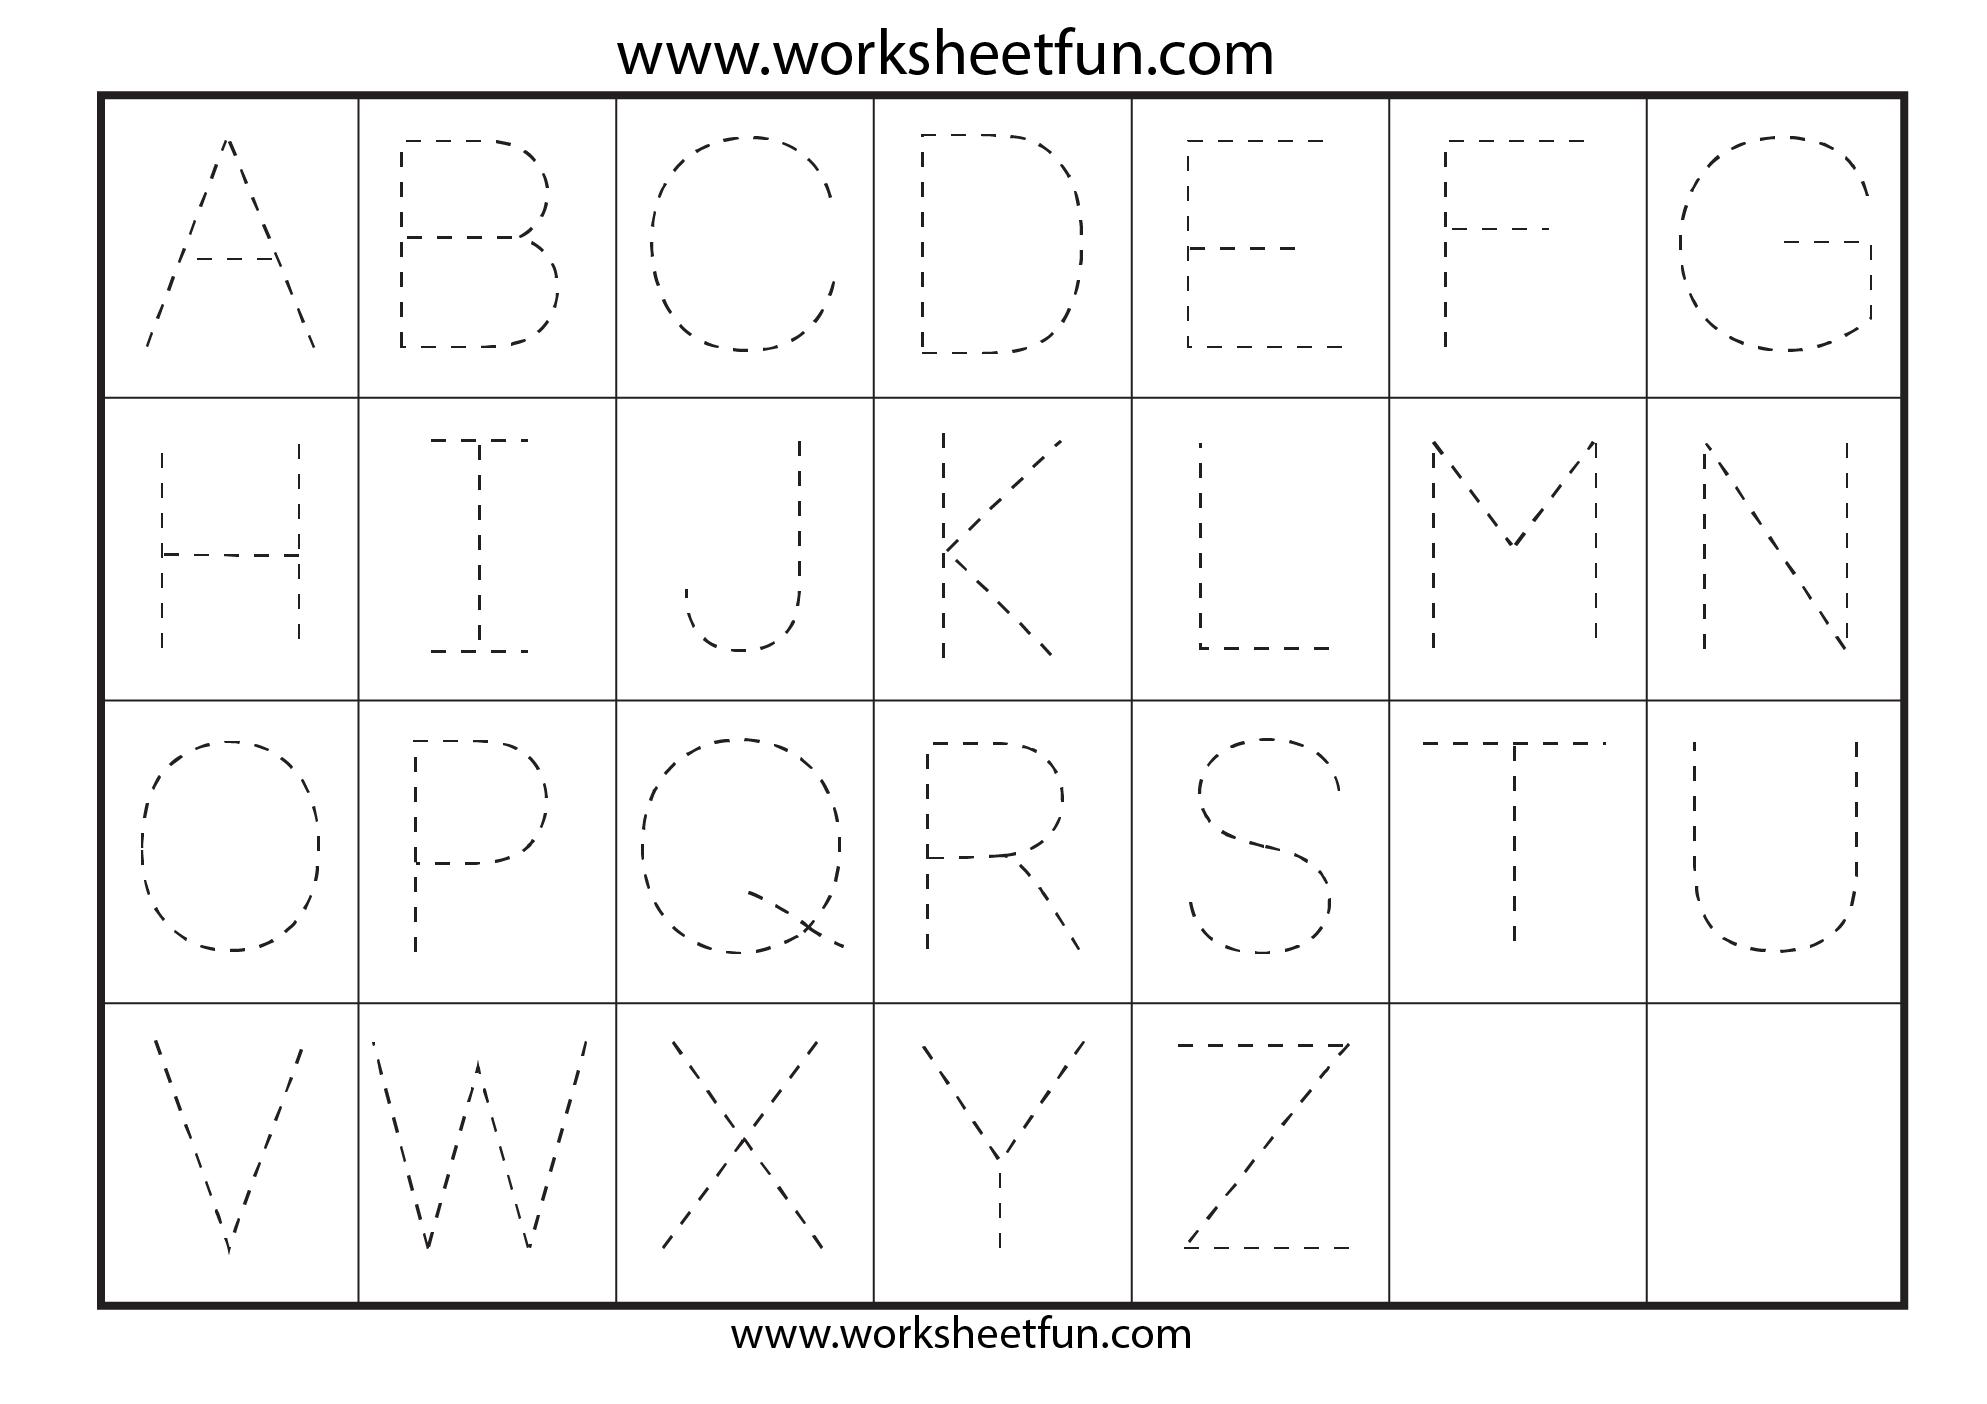 Letter Tracing Worksheets For Kindergarten - Capital Letters for Alphabet Tracing Worksheets 1-20 Pdf